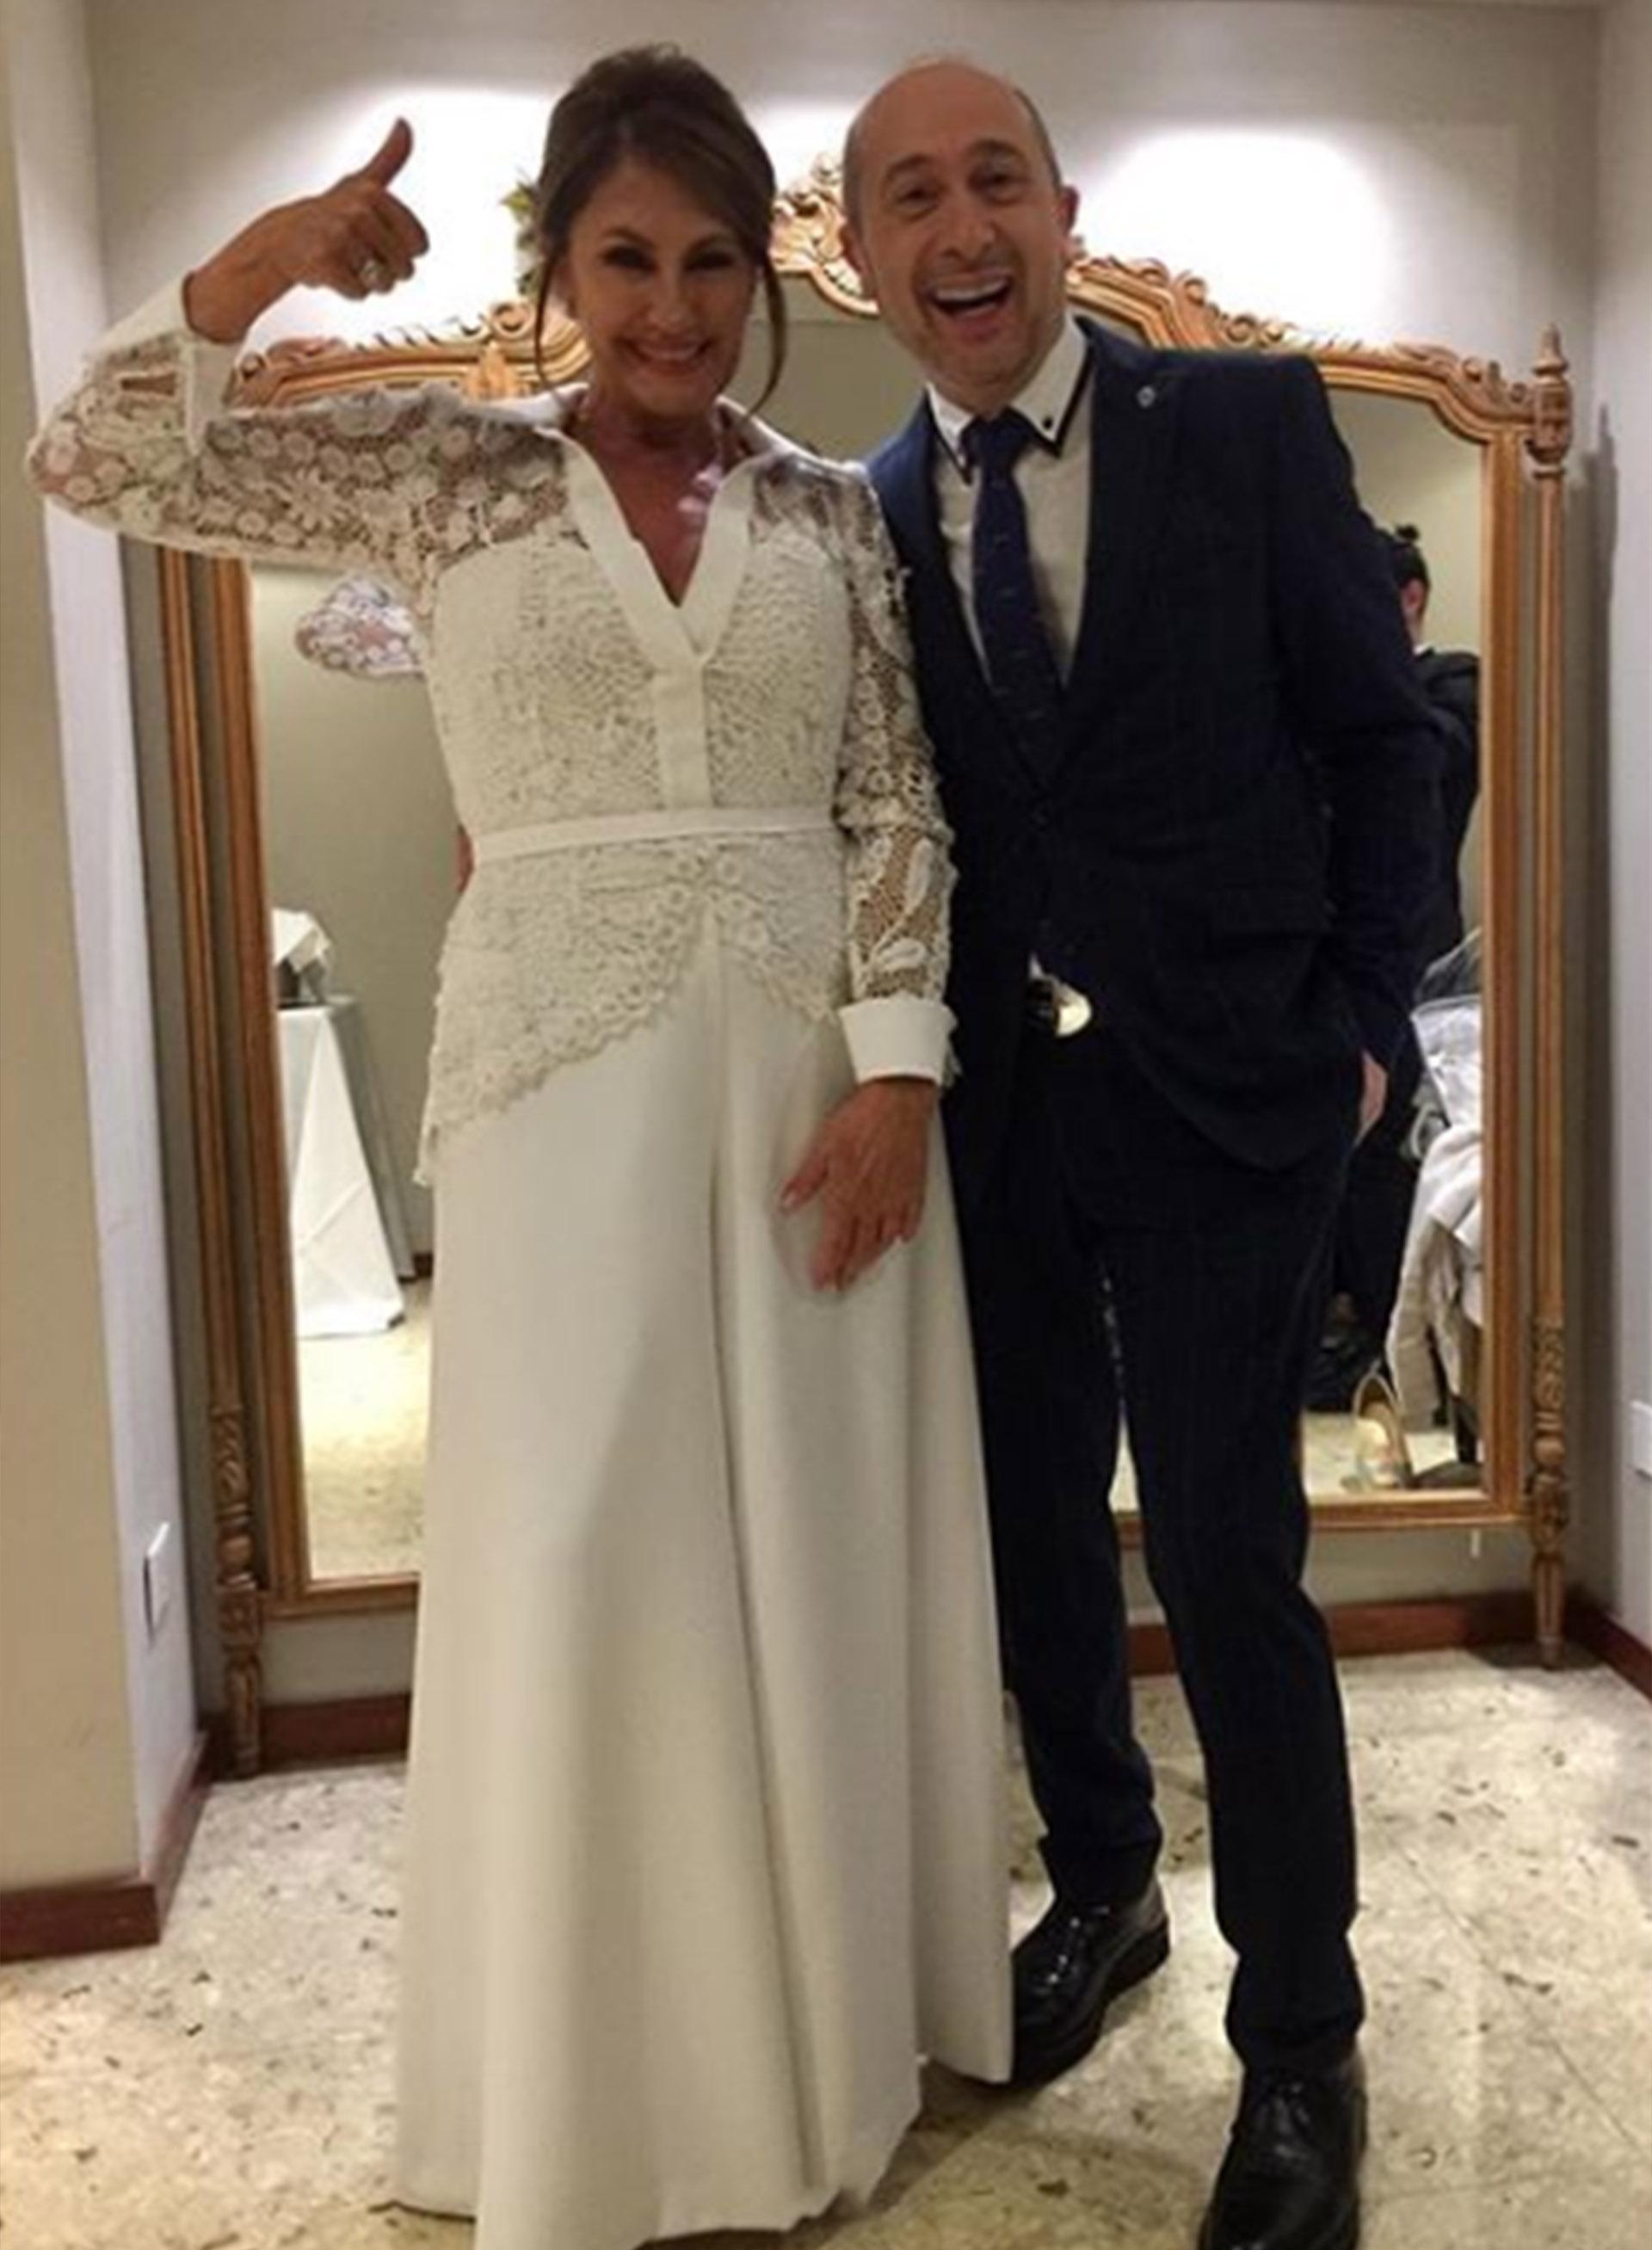 Blanca y radiante: Fernández Barrio con Claudio Cosano, el responsable de su vestido